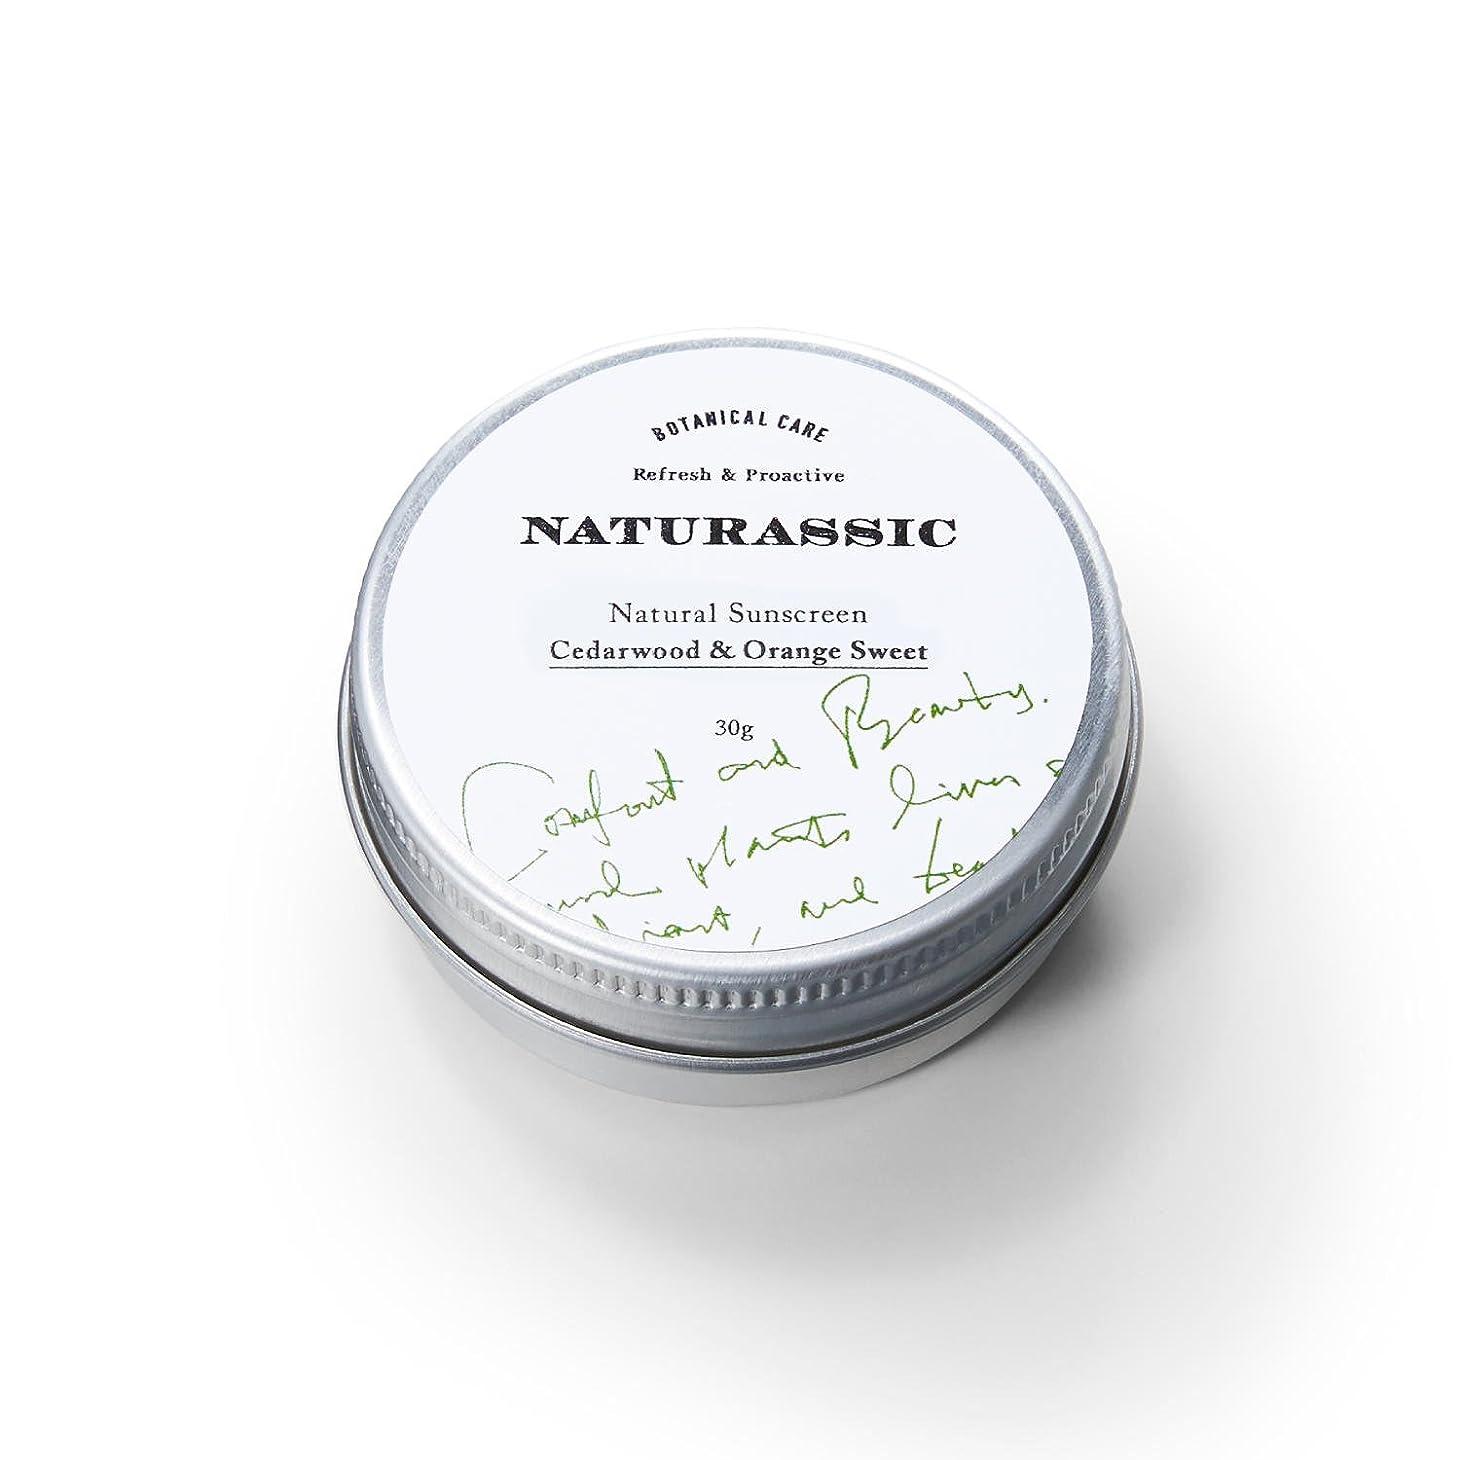 ブースつぼみ解明するナチュラシック ナチュラルサンスクリーンCO シダーウッド&オレンジスイートの香り 30g [天然由来成分100%]